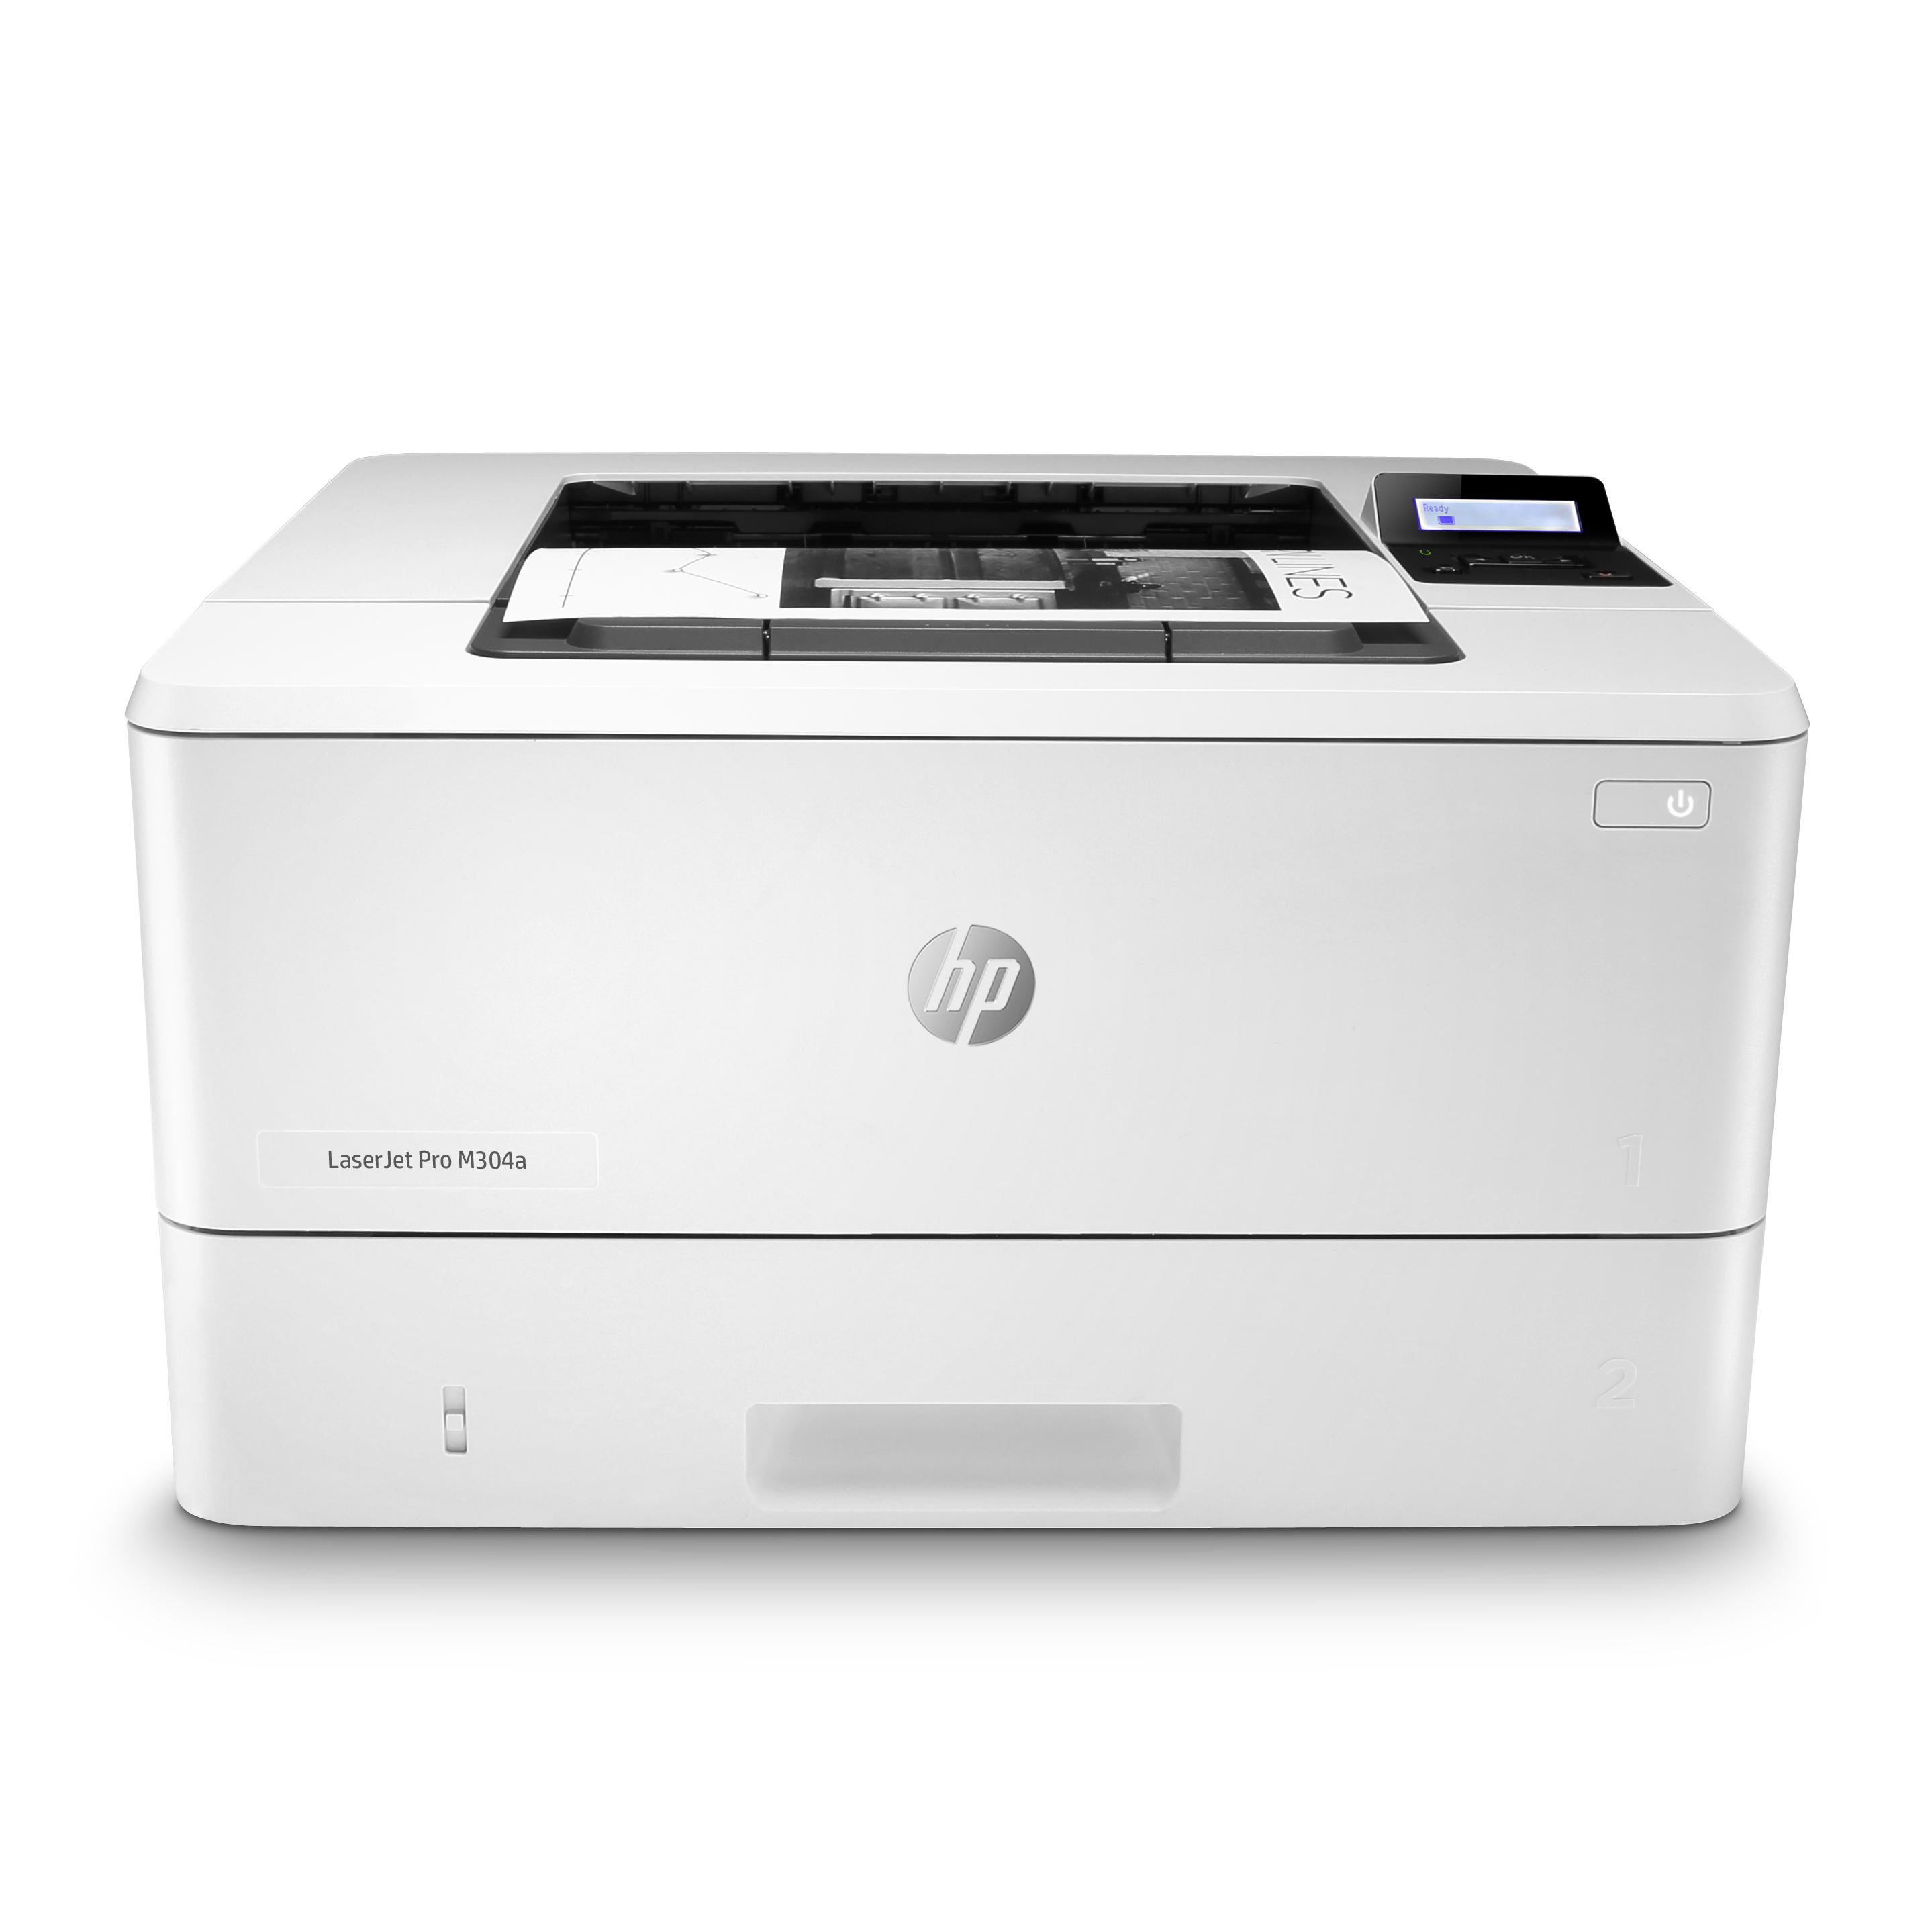 HP LaserJet Pro M304a - A4 - 37 Seiten pro Minute - Doppeltdruck - Schwarz - Wei?